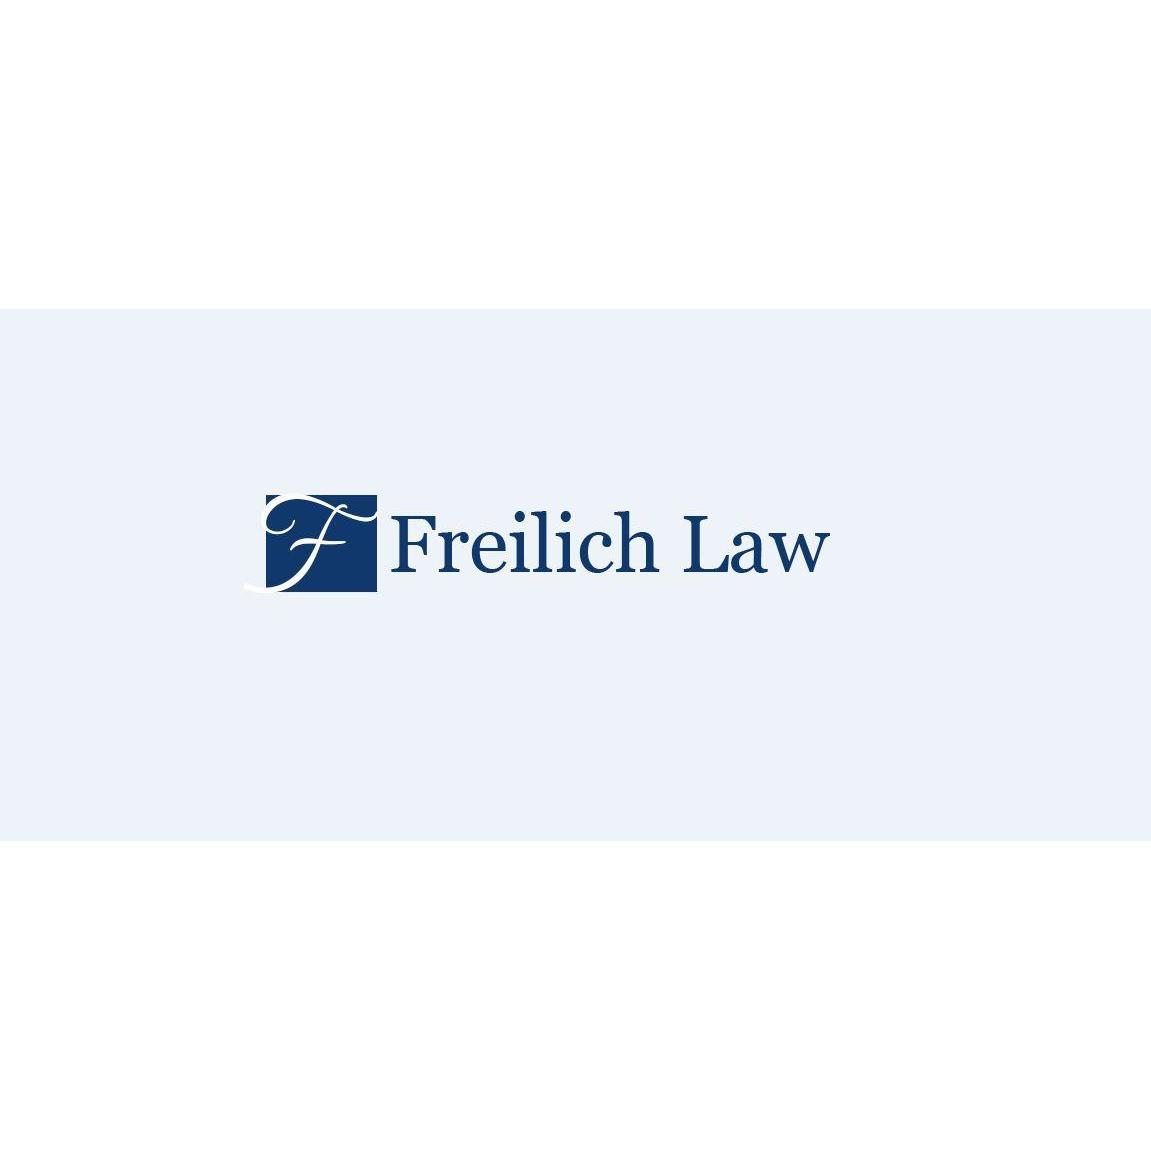 Freilich Law